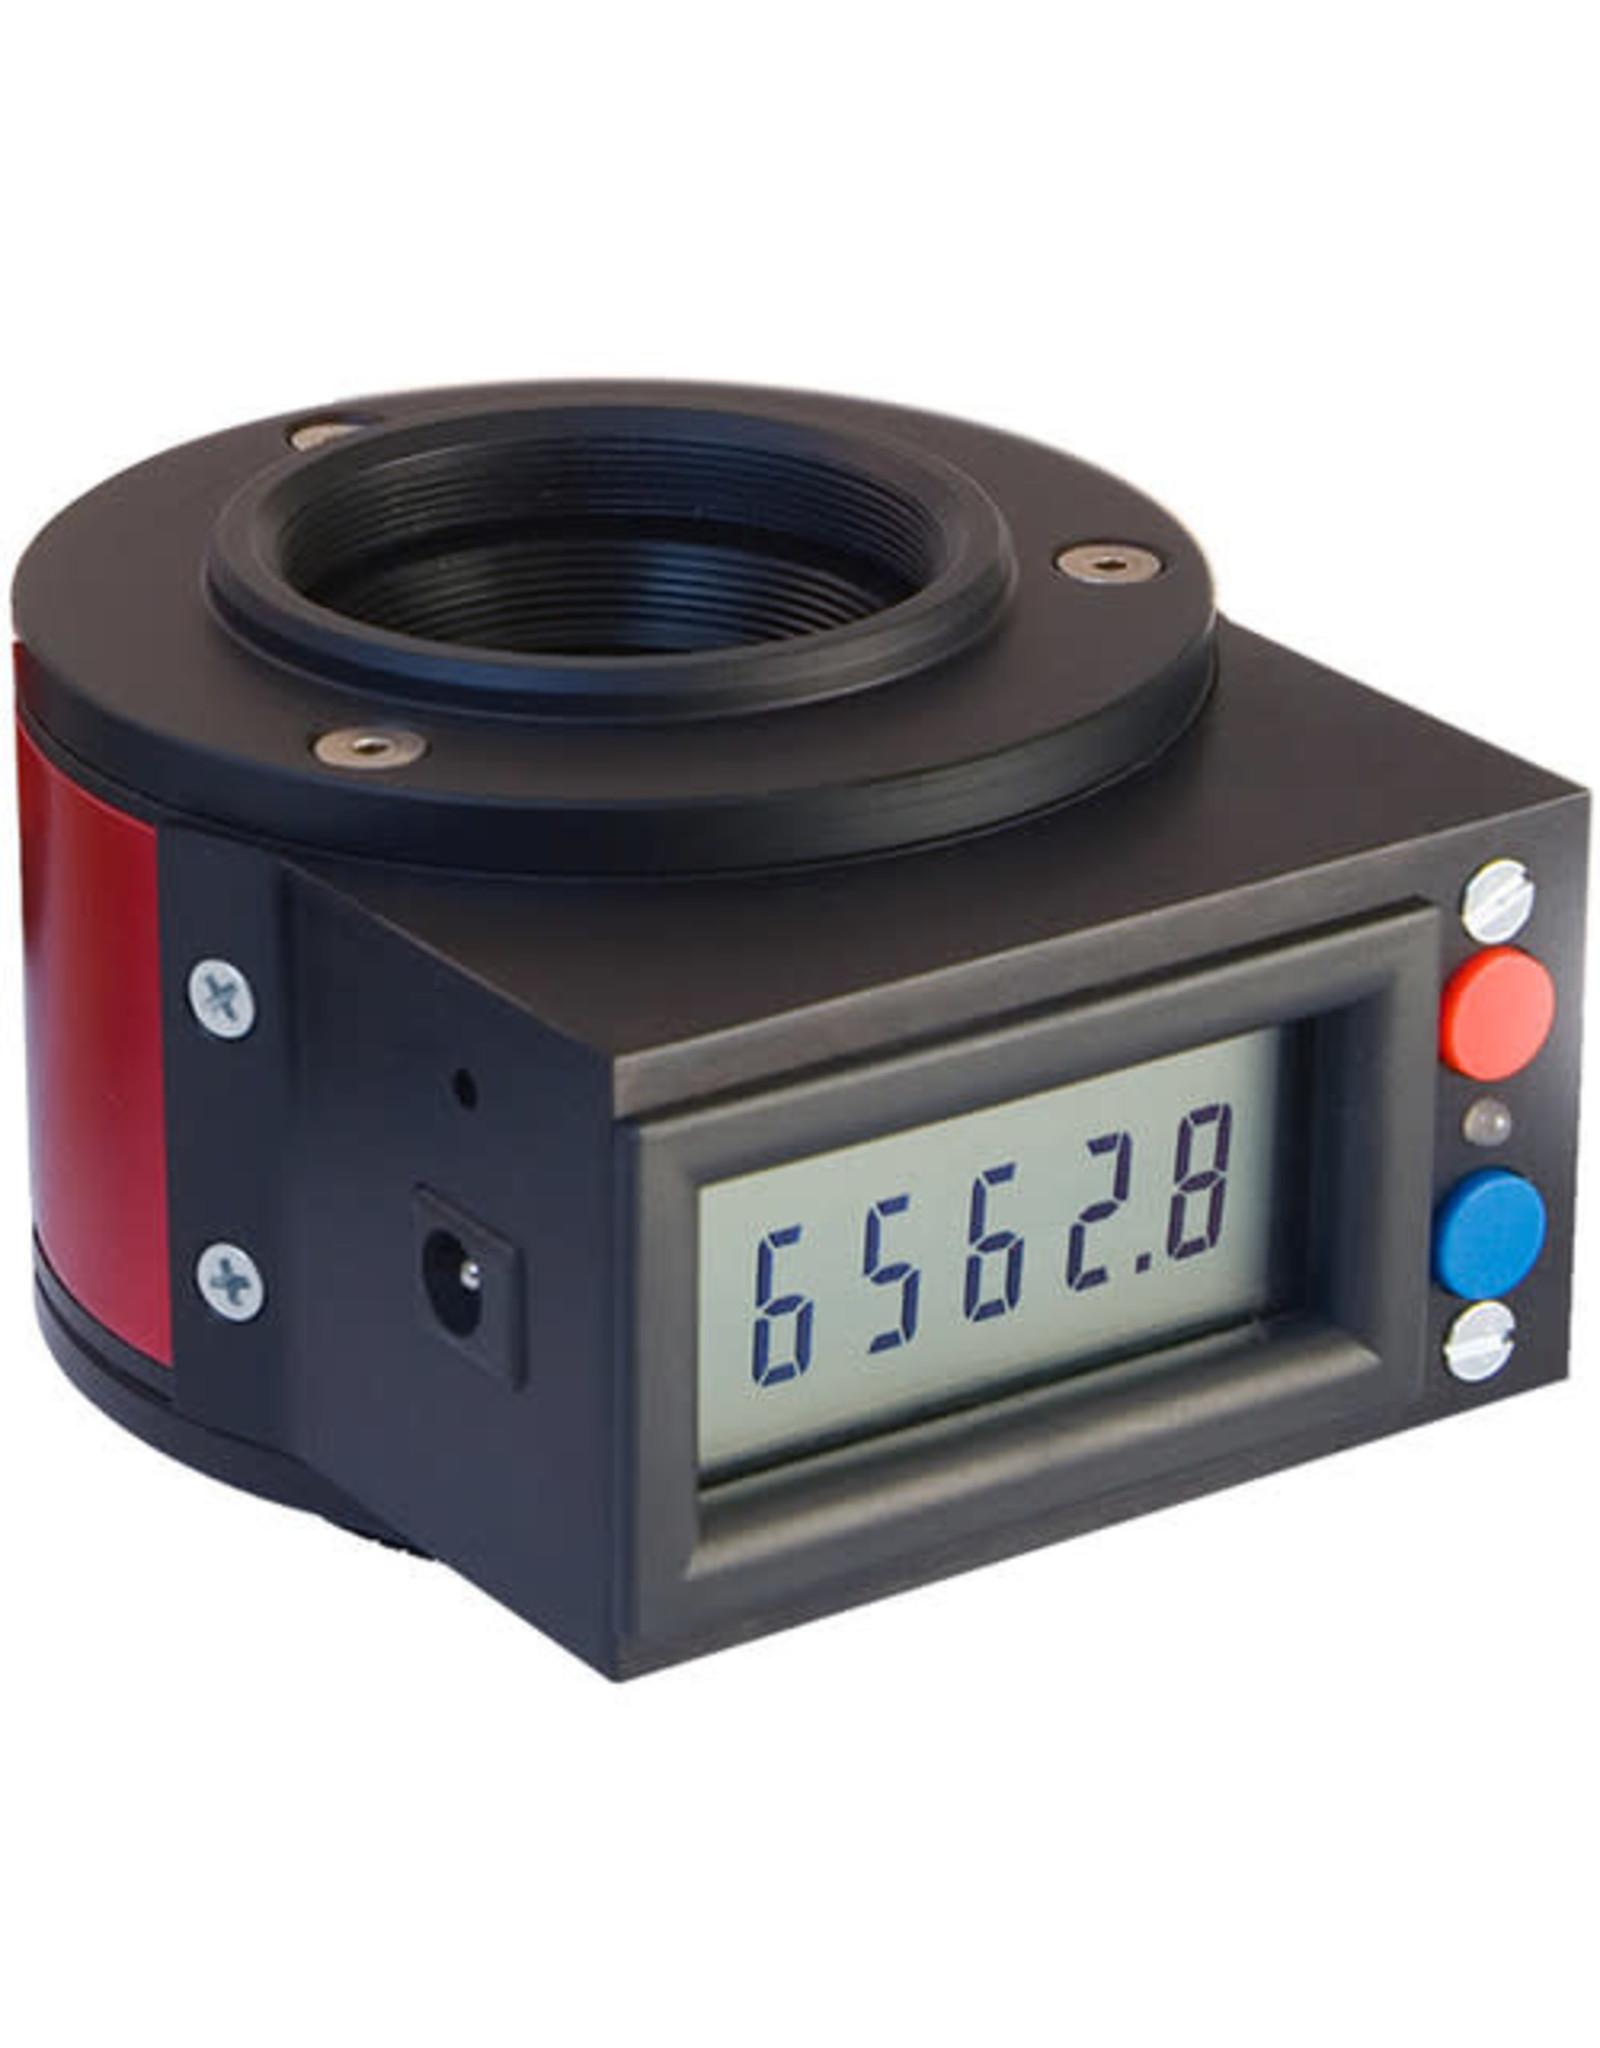 DayStar DayStar Filters Quantum H-Alpha Bandpass Filter - Research Grade (Specify Bandpass)